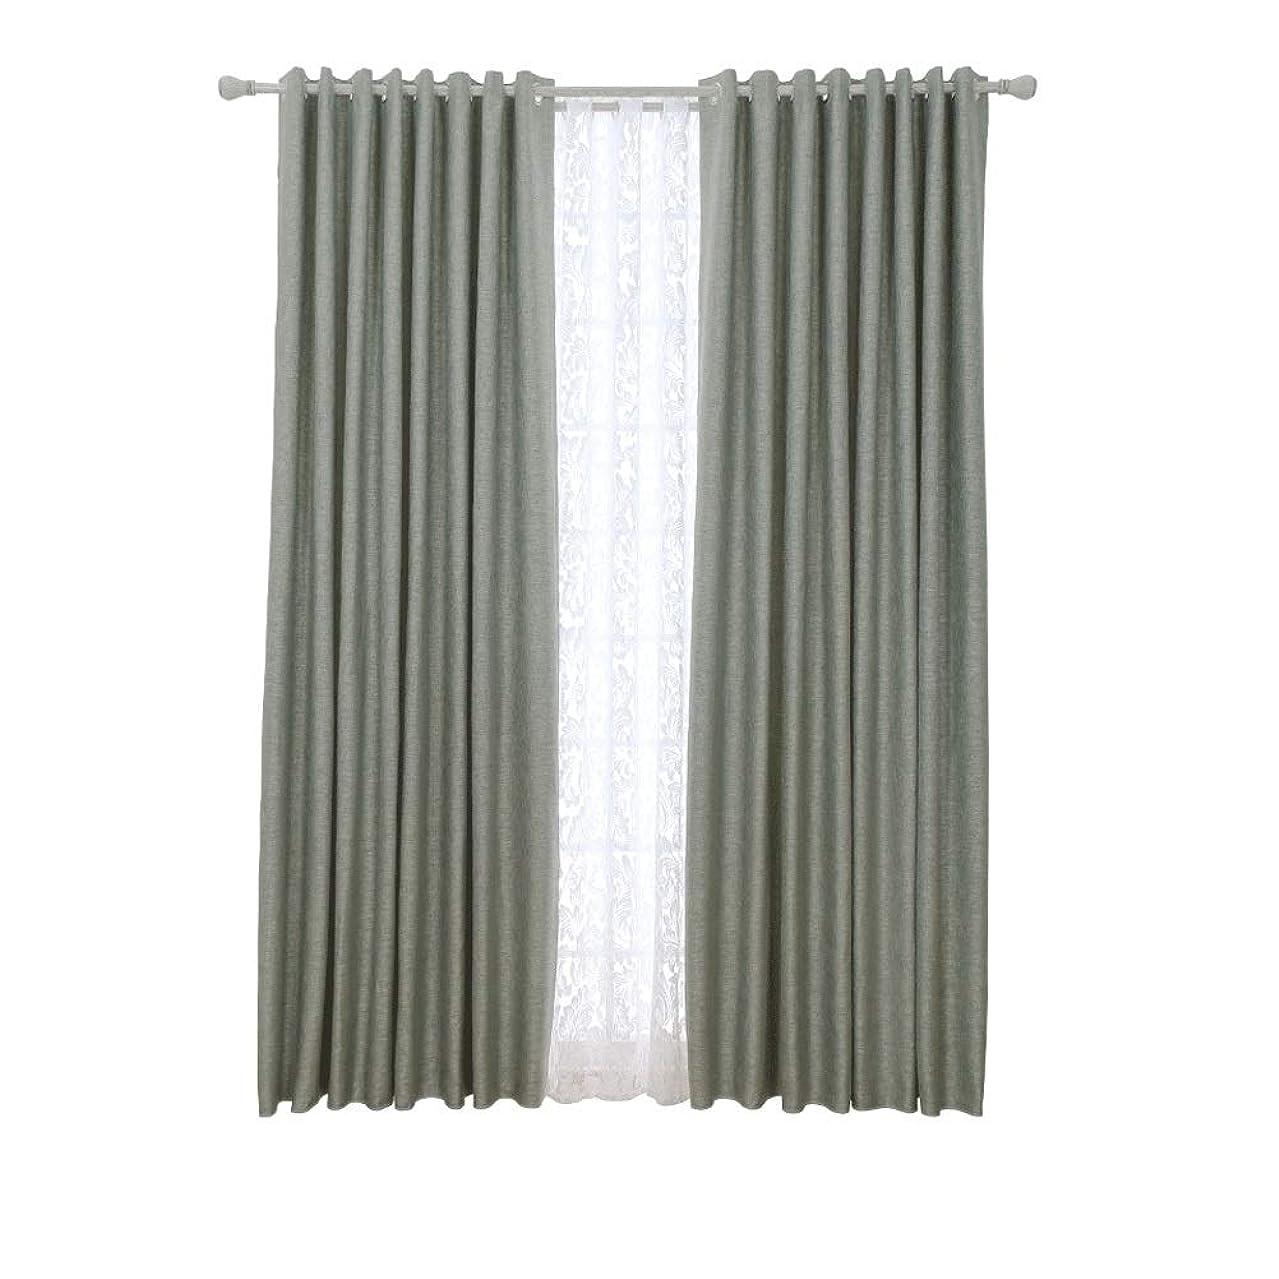 出くわすタイピストバーマドカーテンモダンなミニマリストのカーテン仕上げのリネンシェードクロス寝室のリビングルームのバルコニー床のカーテン (Size : Width 150*height 270cm (curtain))